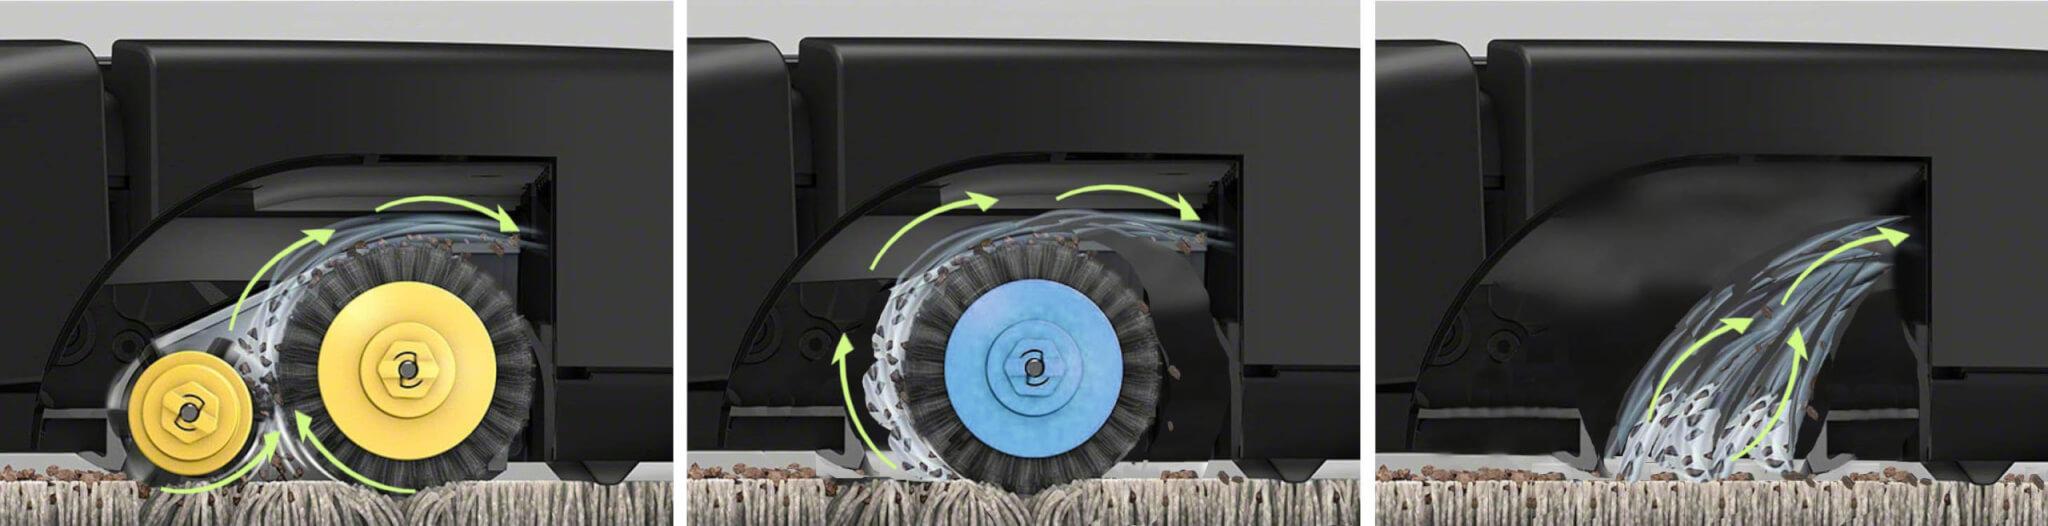 格安ロボット掃除機 人気9機種を4つの選び方で比較 1. 清掃能力 メインブラシの有無